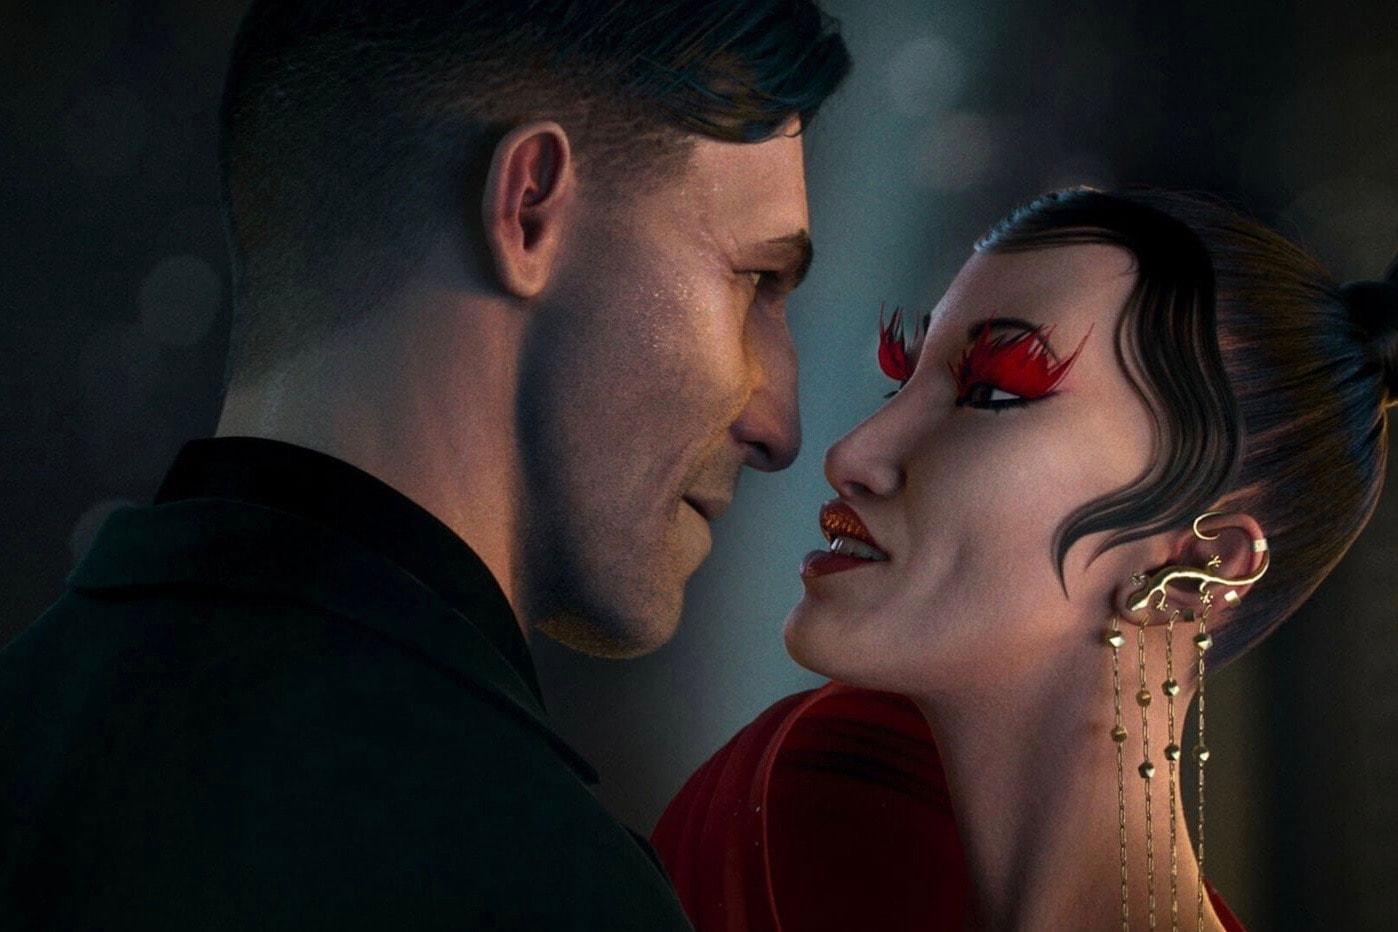 《爱,死亡与机器人》第二季中的 19 个美术彩蛋